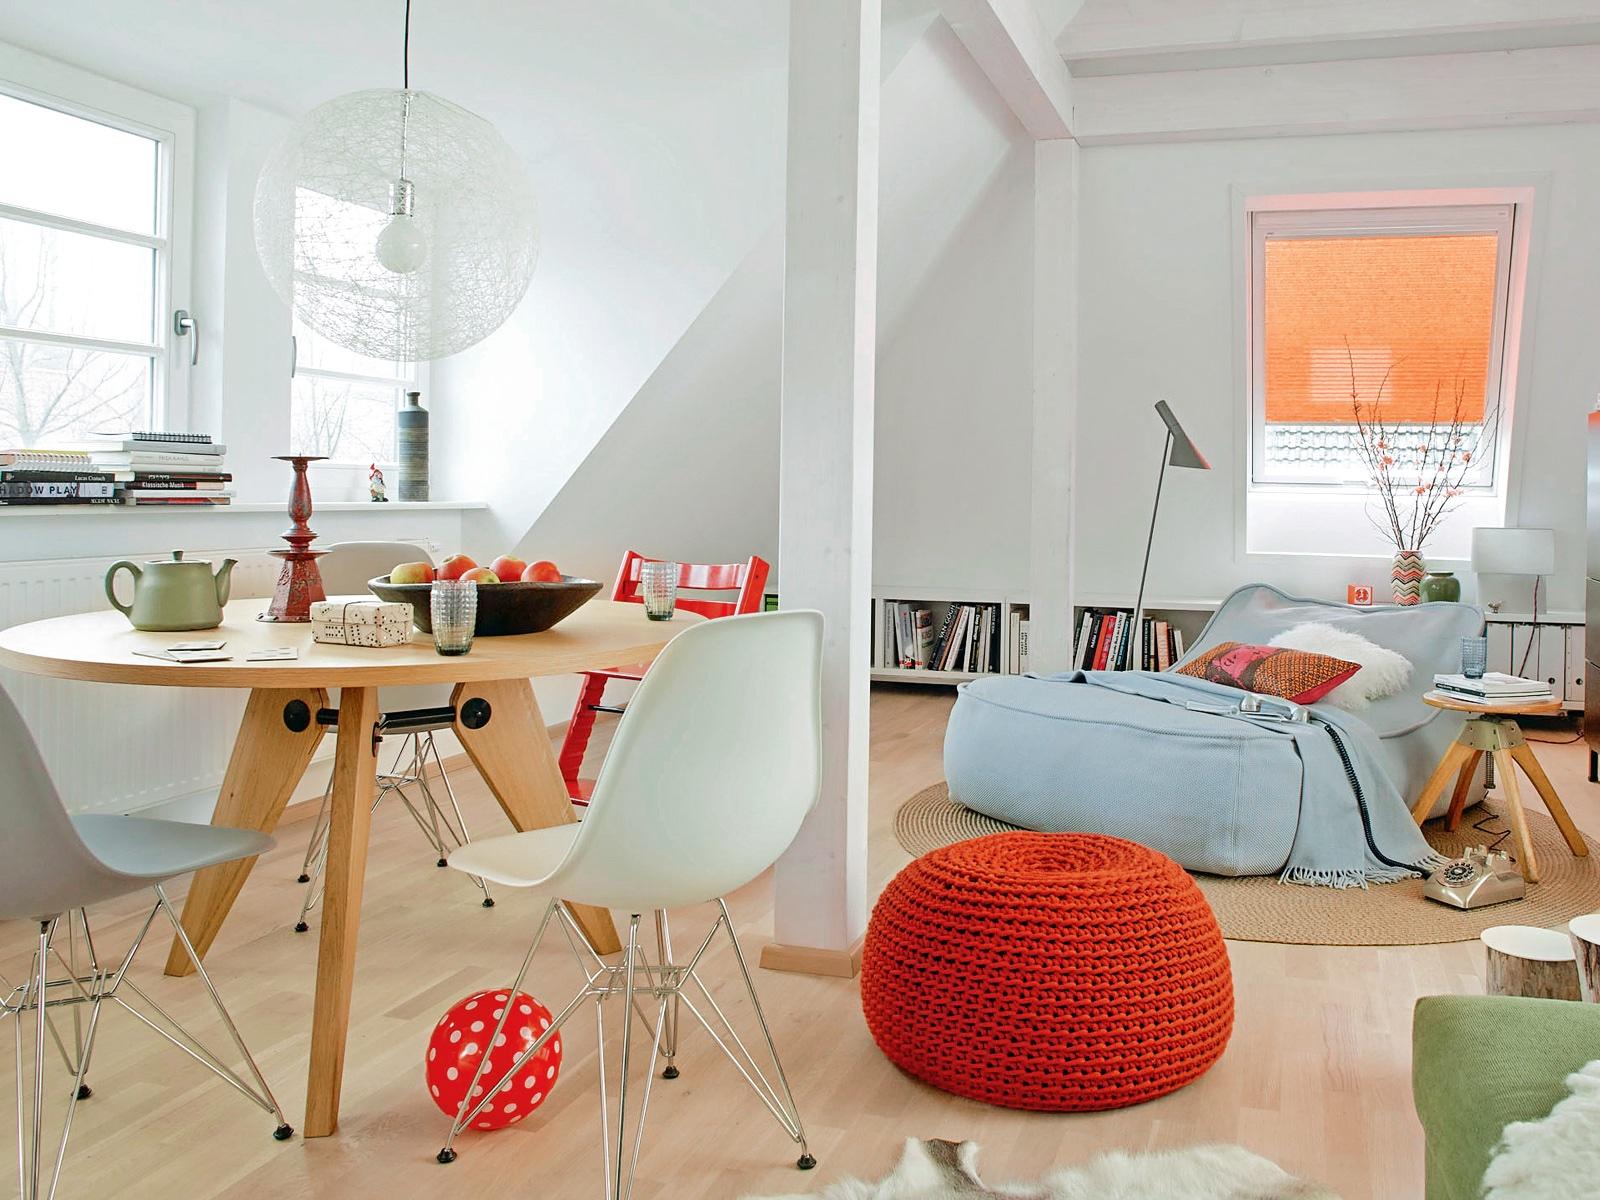 gaube oder dachfenster mehr licht unter die schr ge april 2016 familienheim und garten. Black Bedroom Furniture Sets. Home Design Ideas